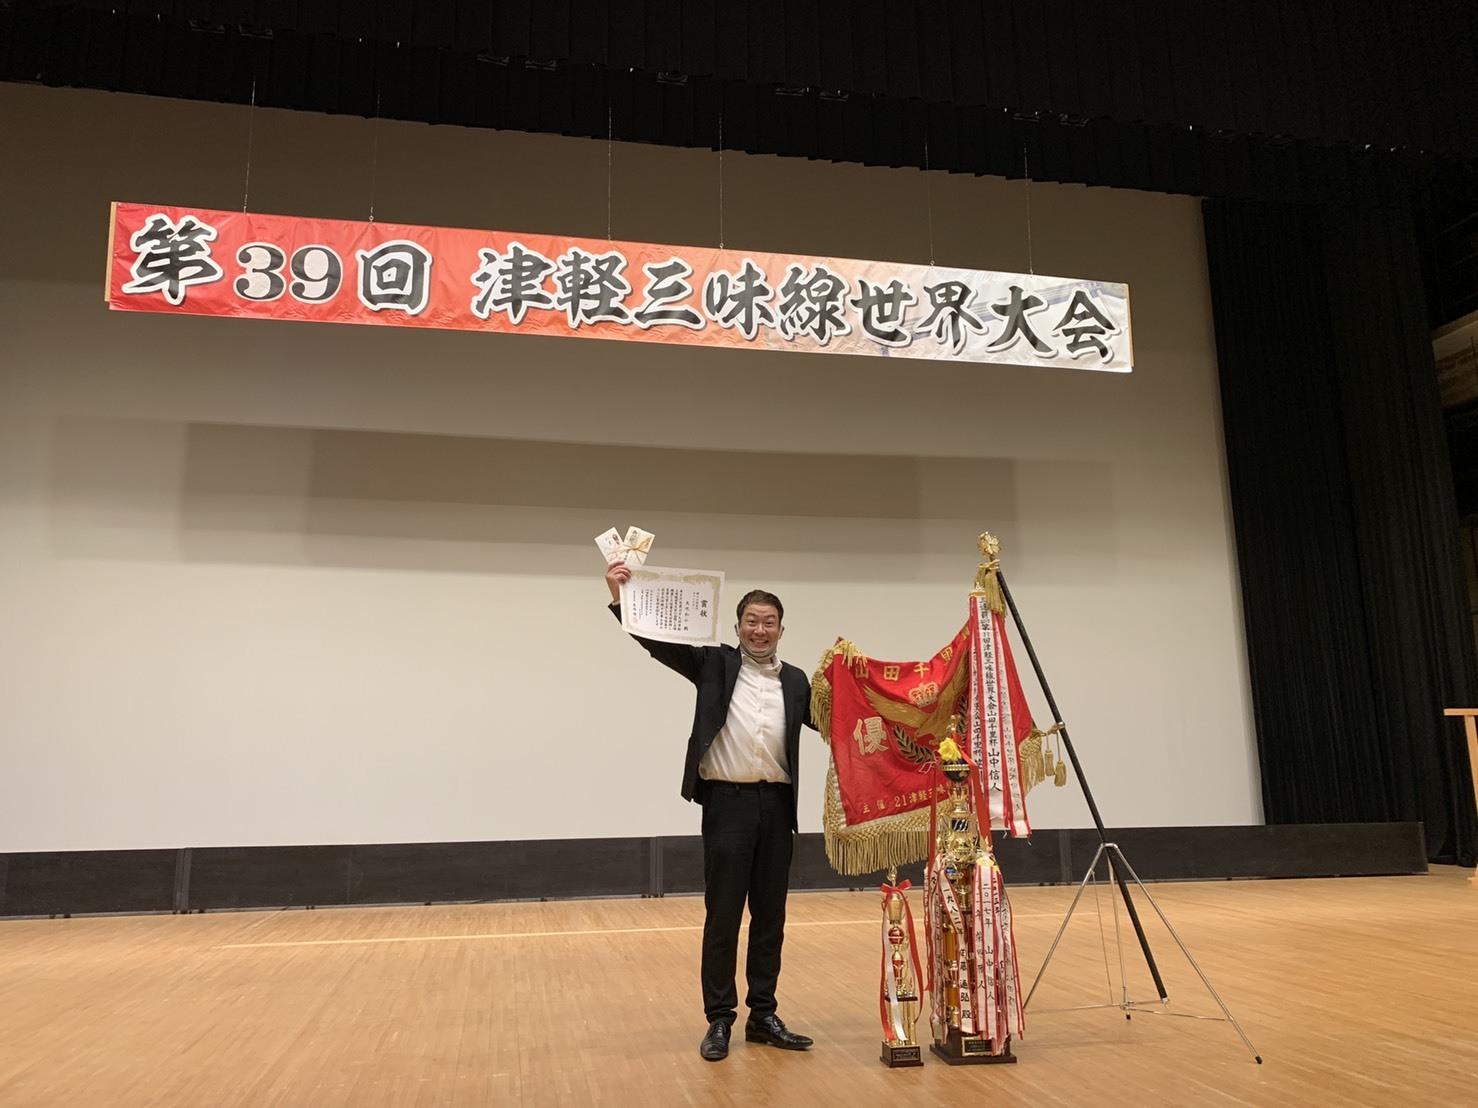 津軽三味線世界大会優勝‼️